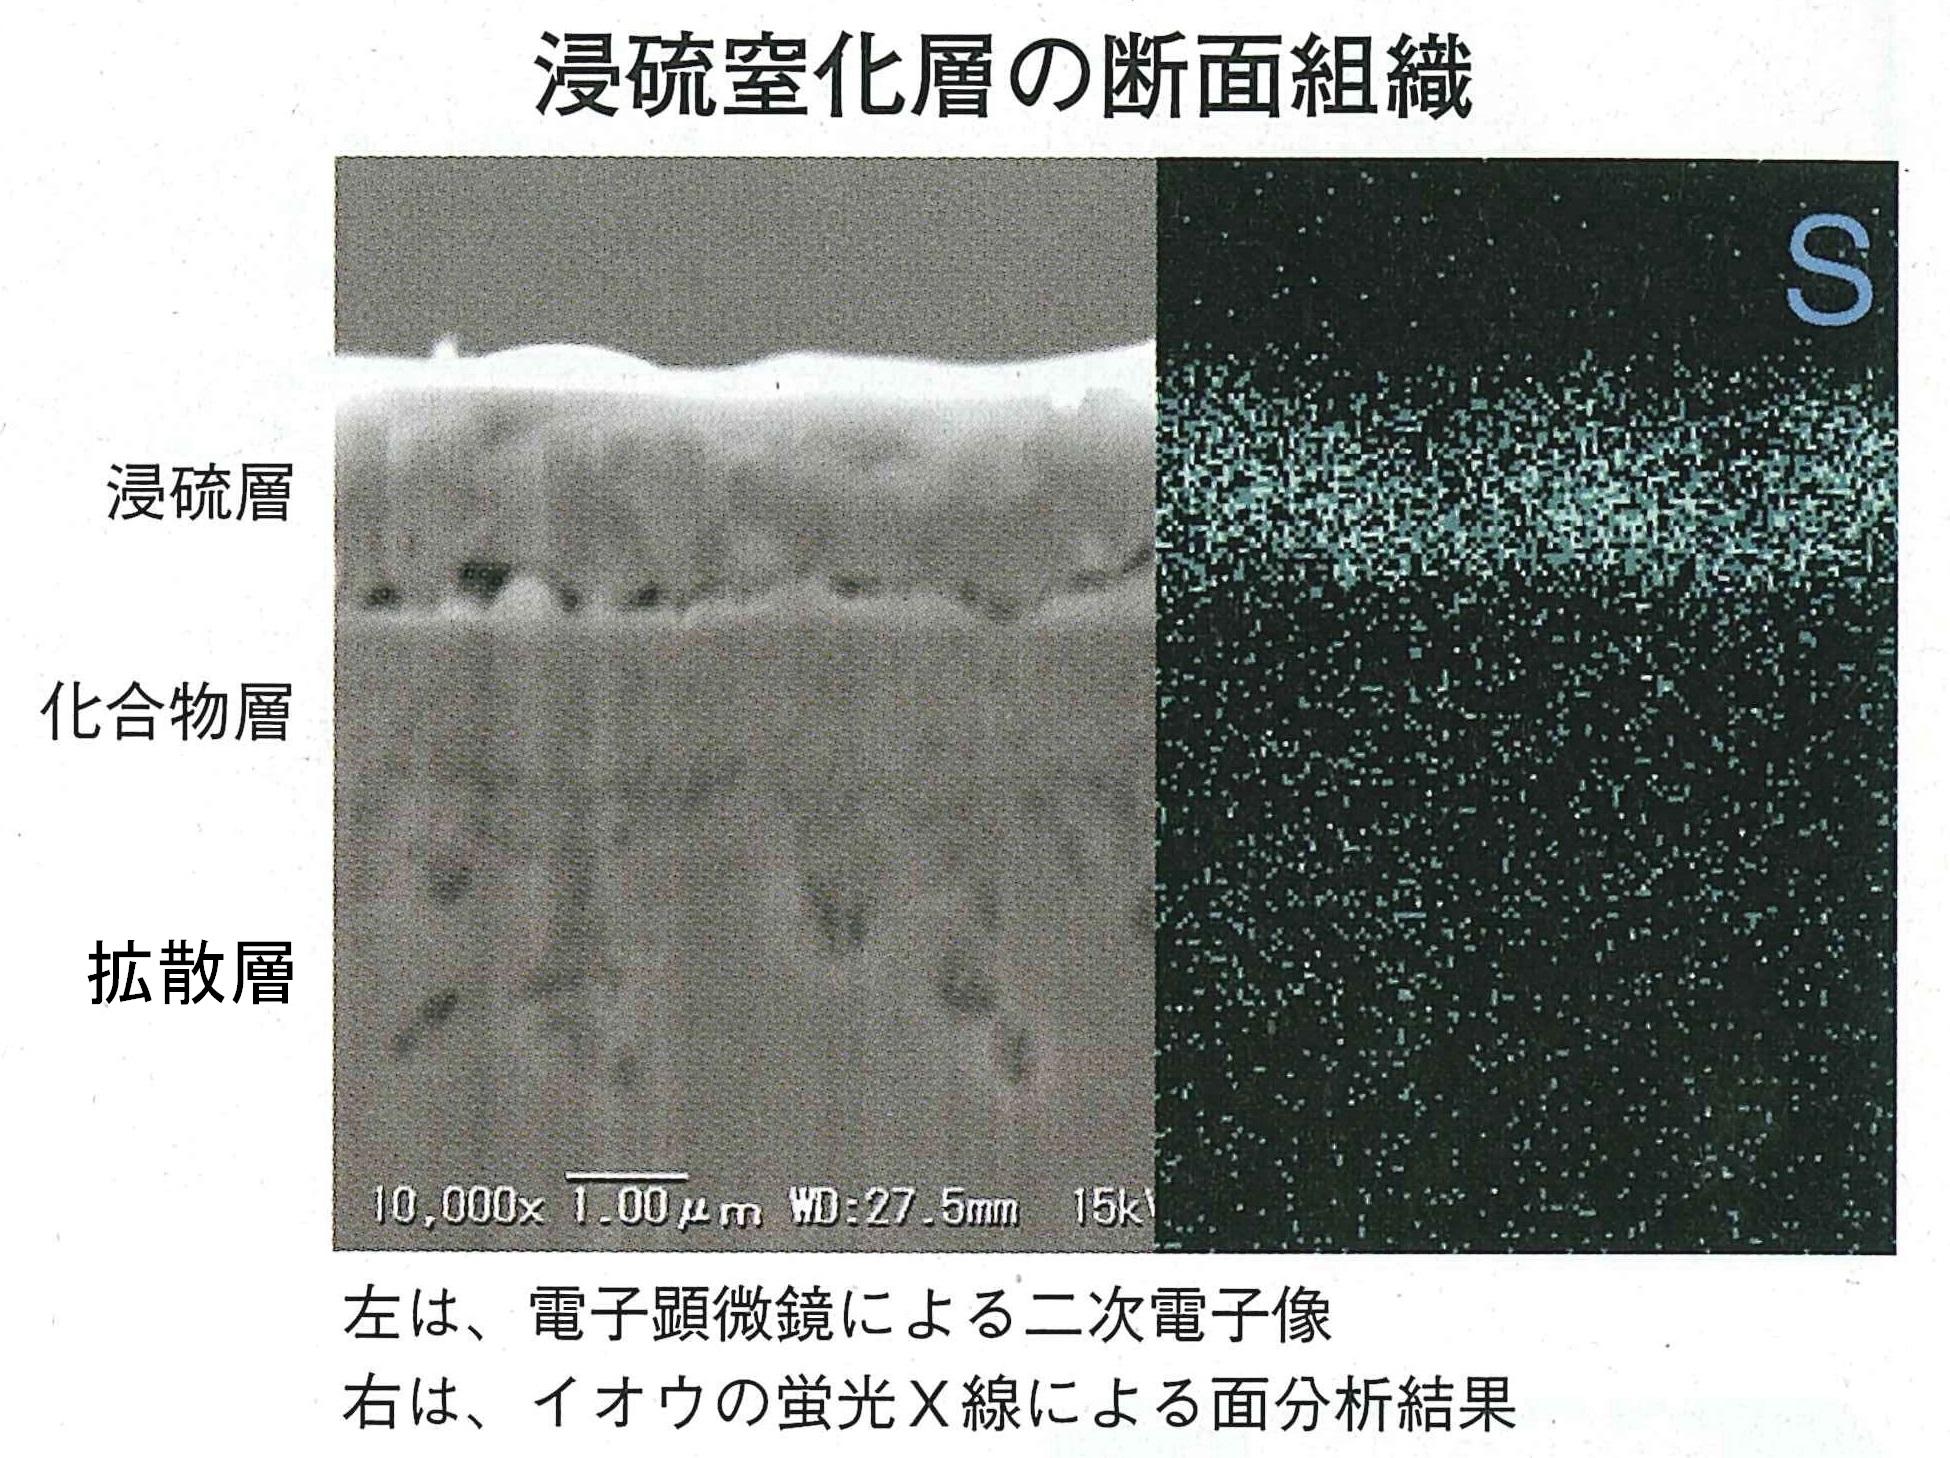 長岡電子 浸硫窒化層の断面